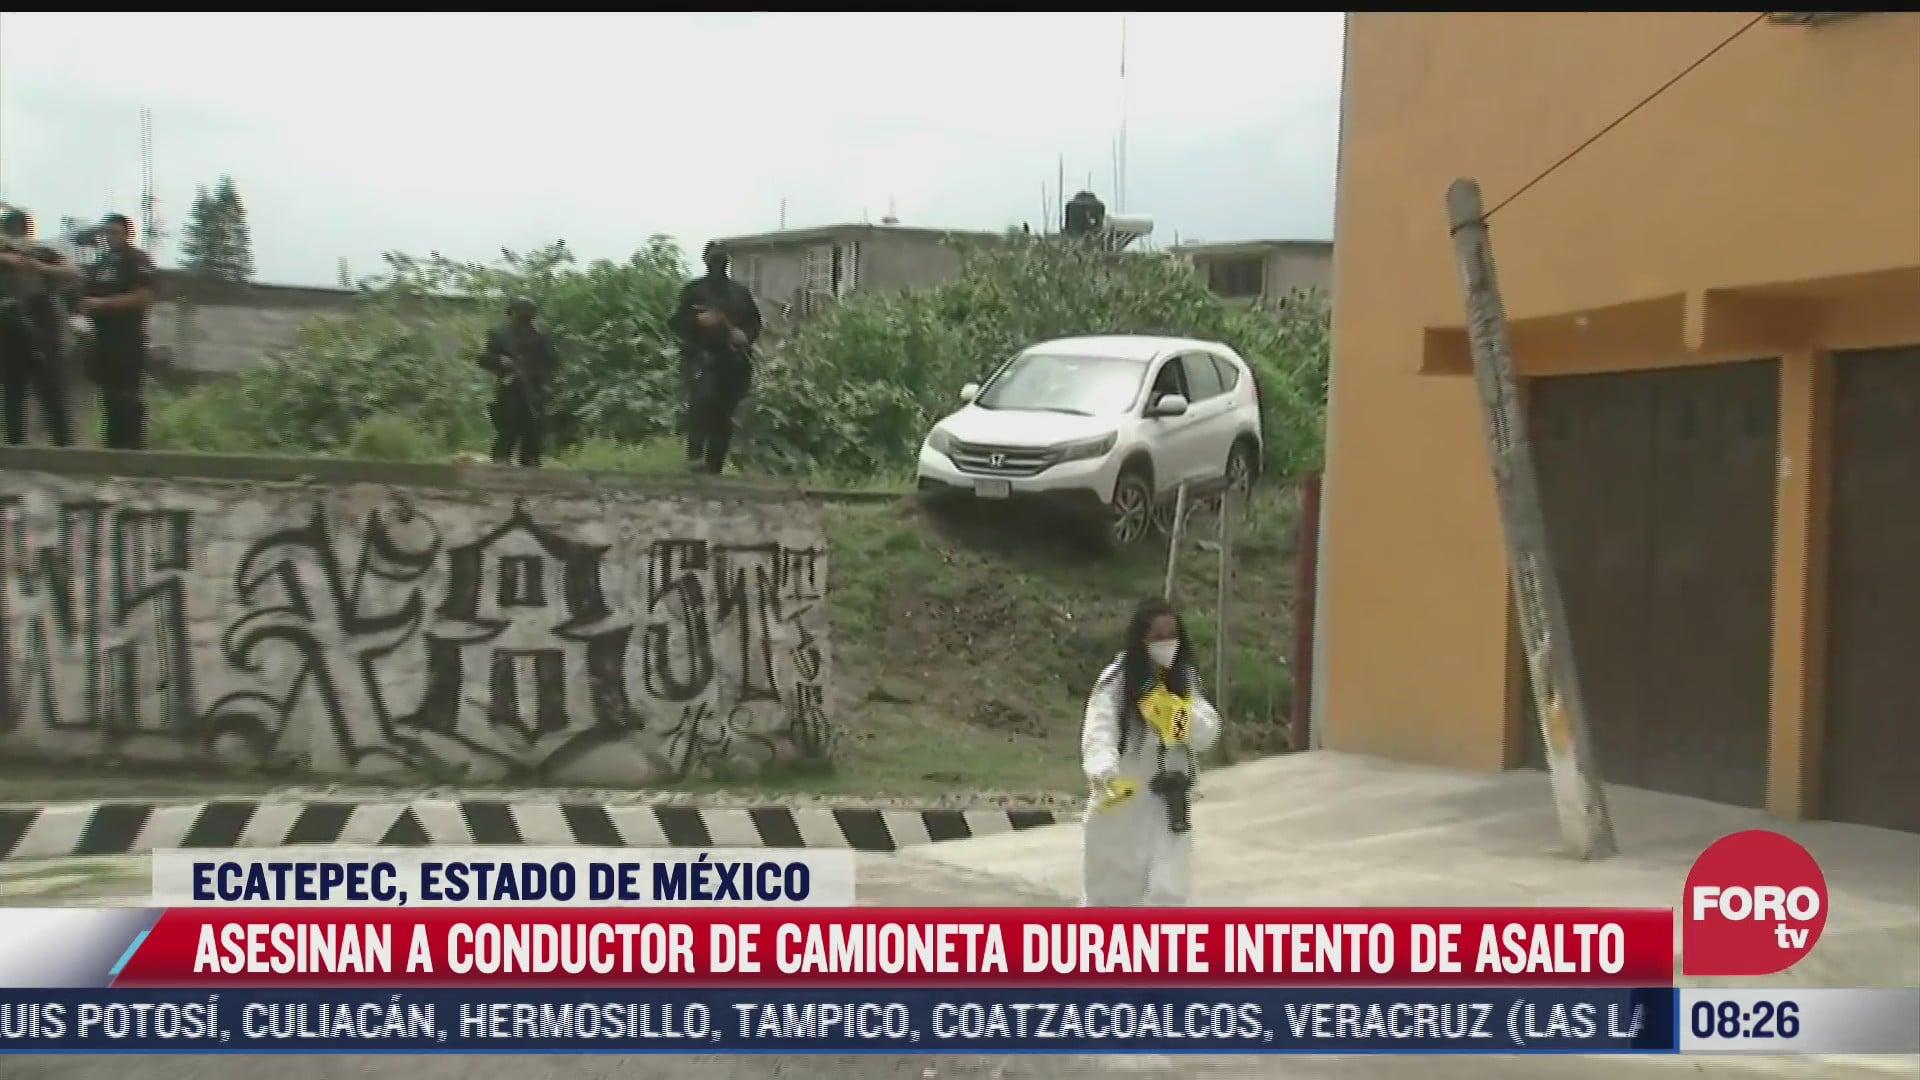 asesinan a conductor de camioneta durante intento de asalto en ecatepec estado de mexico